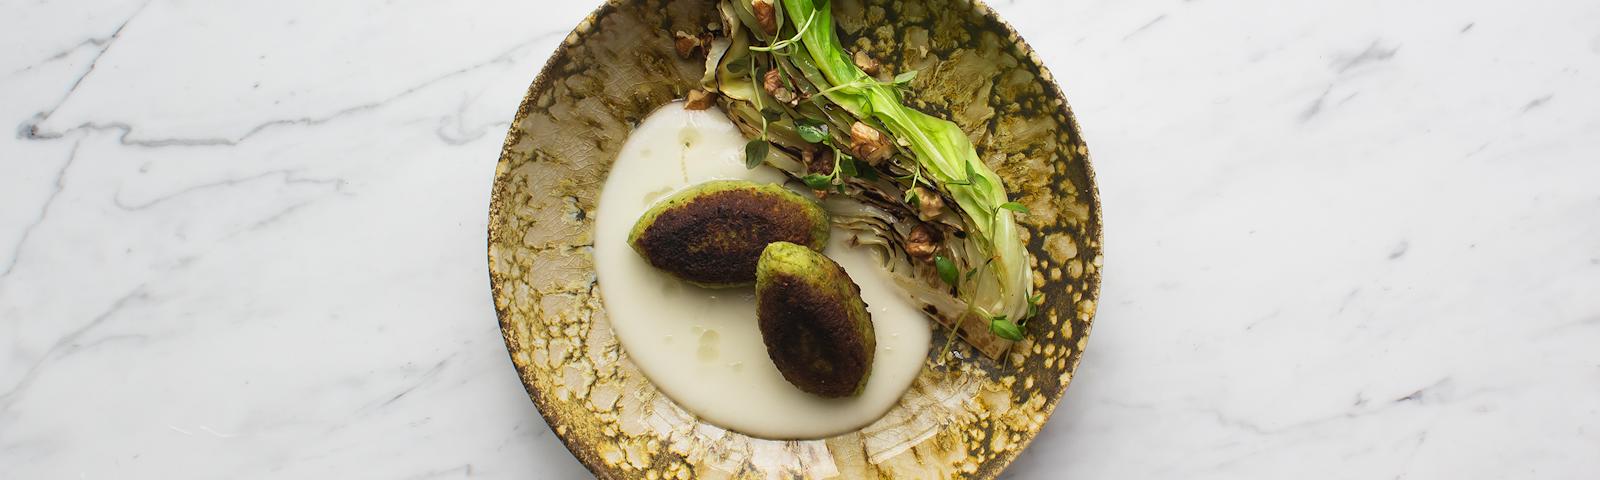 Plantedeller med sølvløgspuré og grillet spidskål